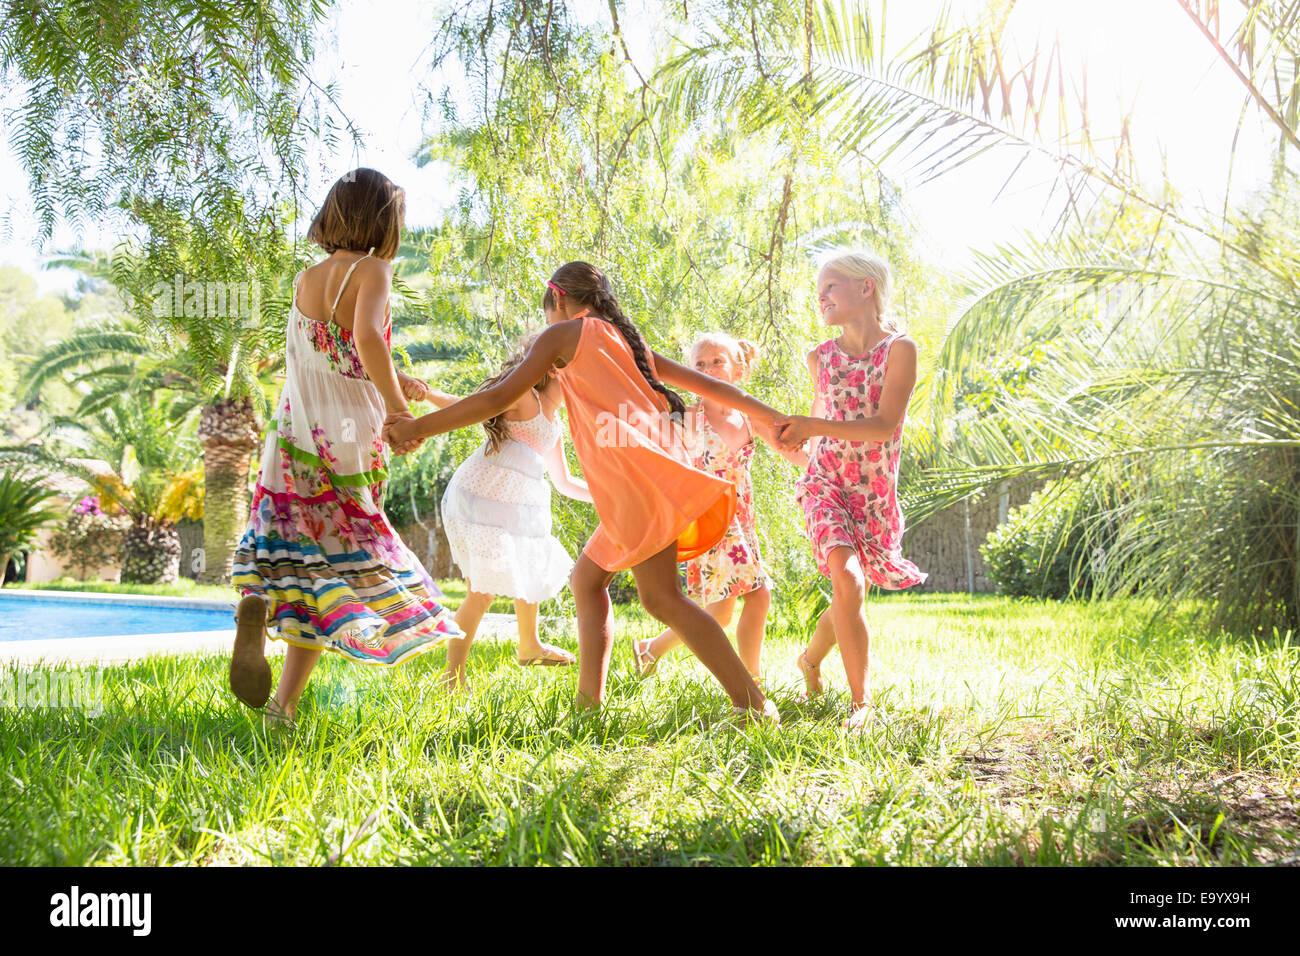 Cinq filles jouant un anneau anneau roses dans un jardin Photo Stock